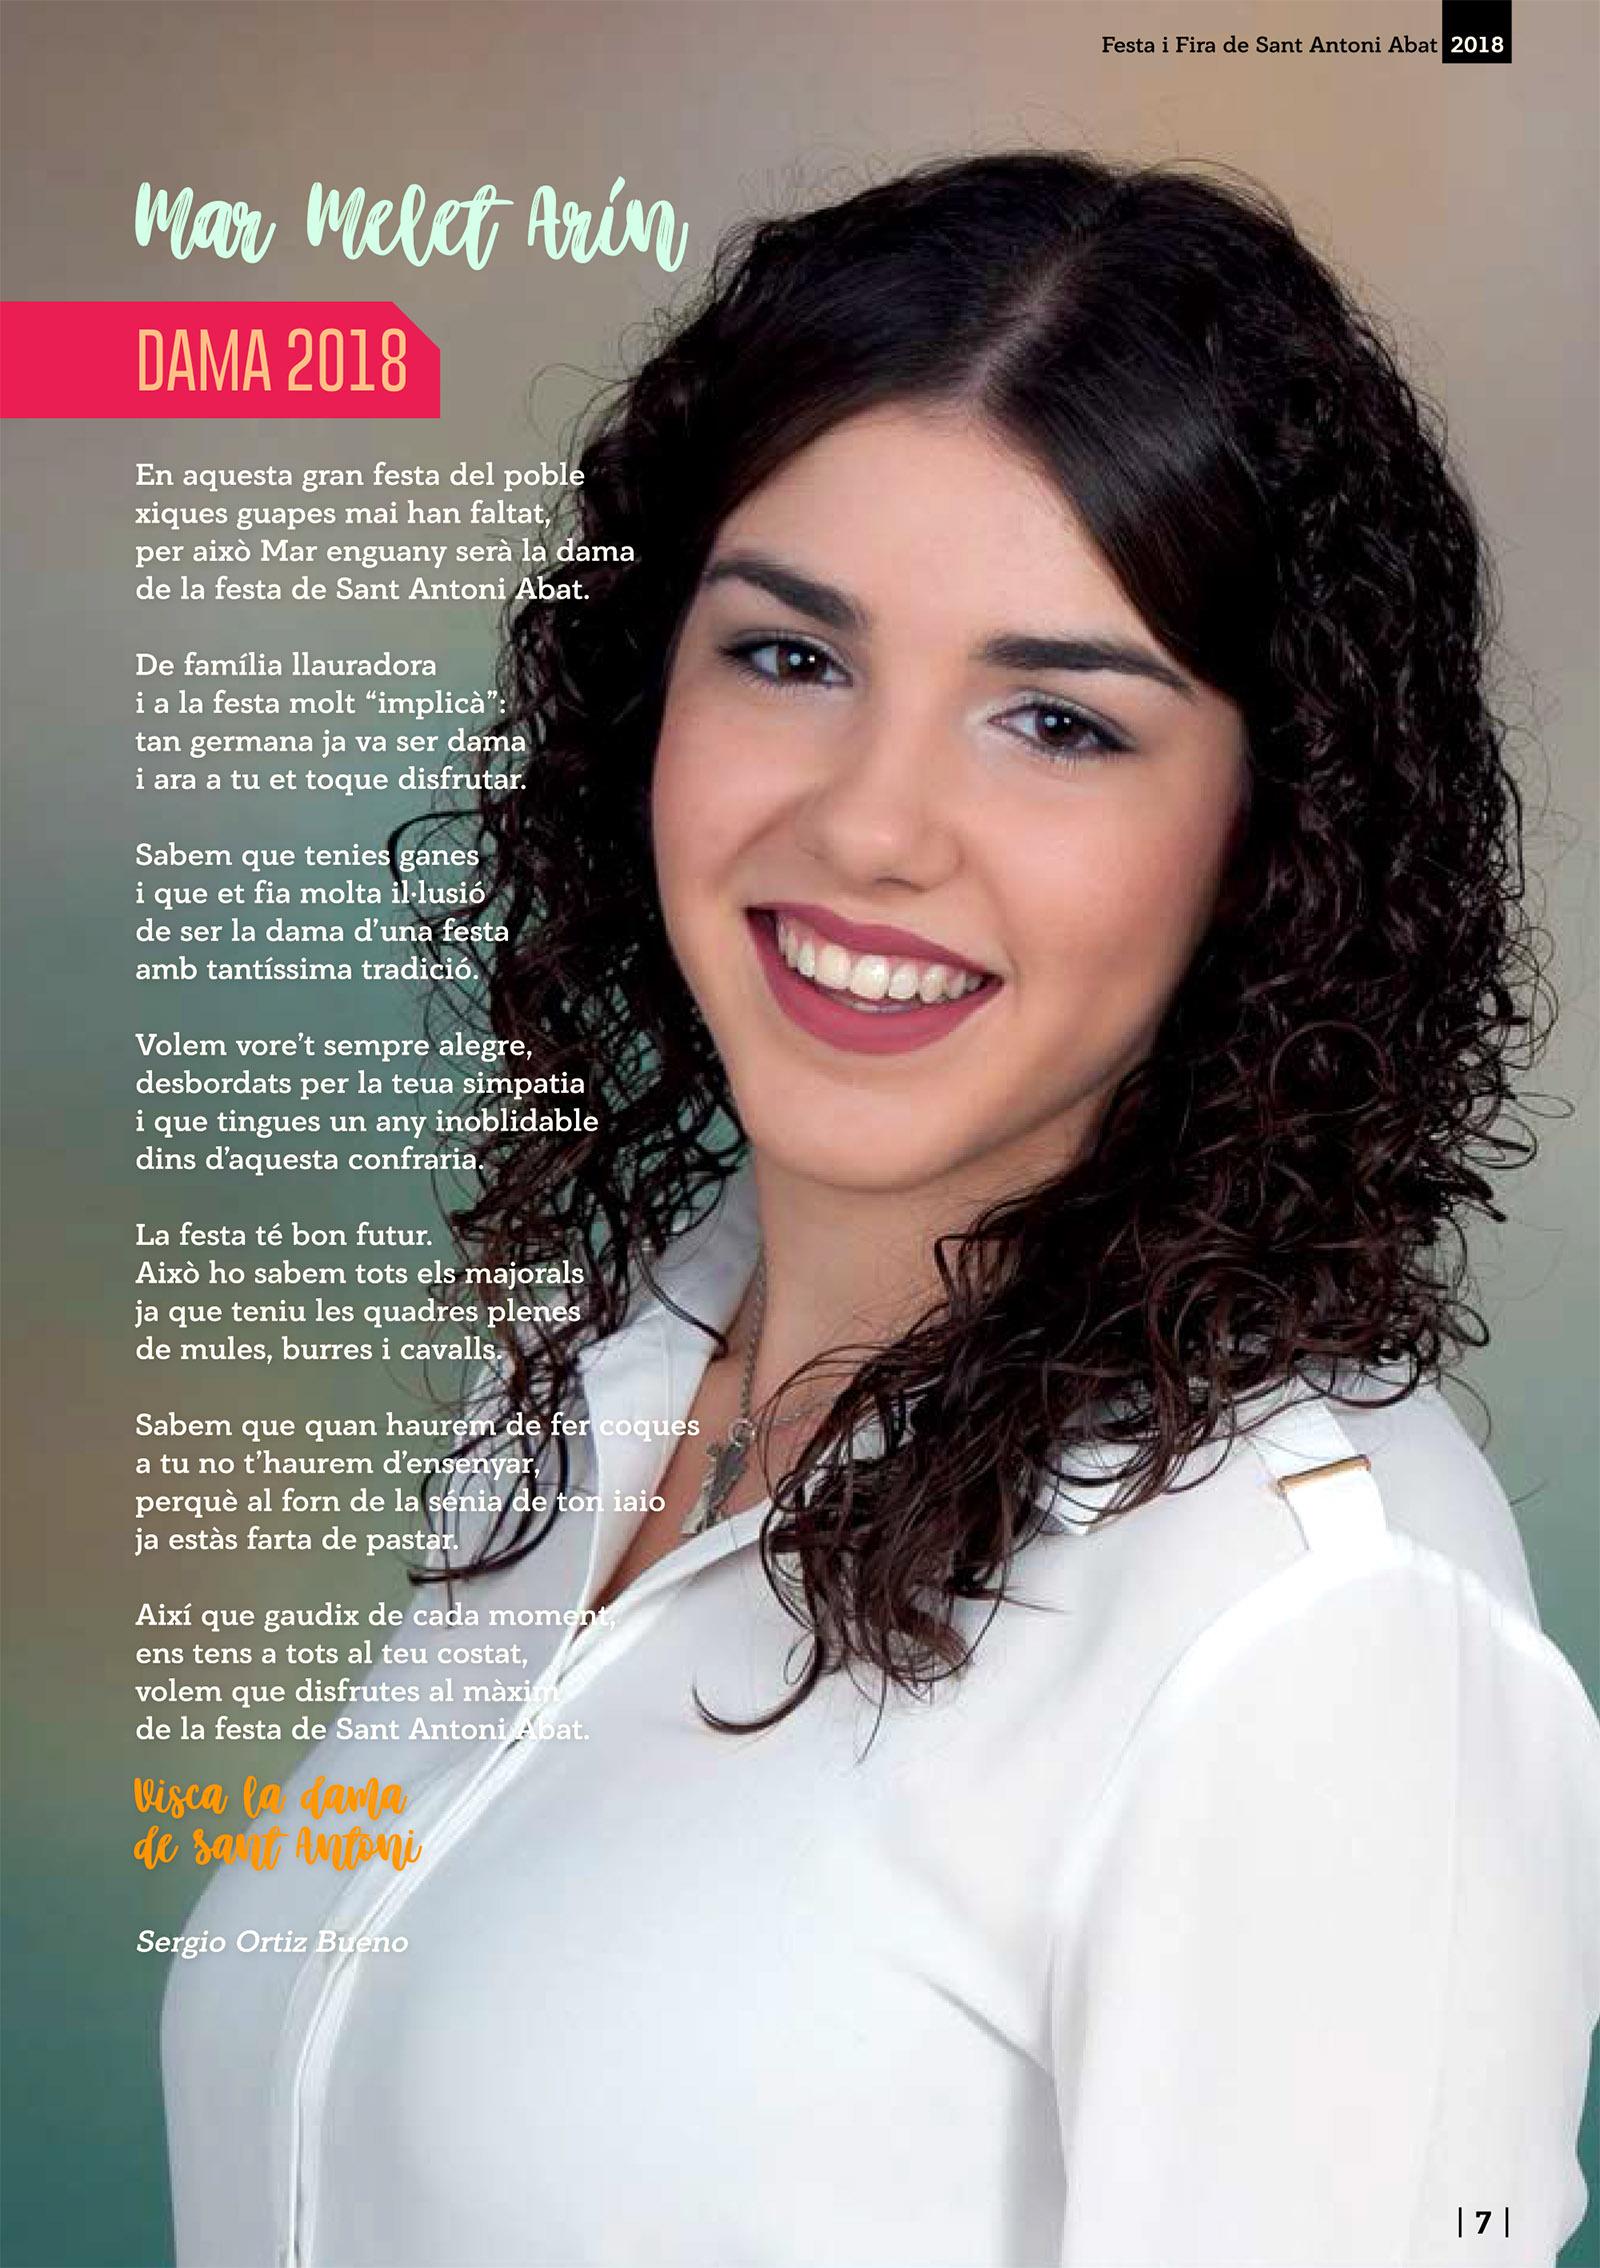 Dama2018-MarMeletArin